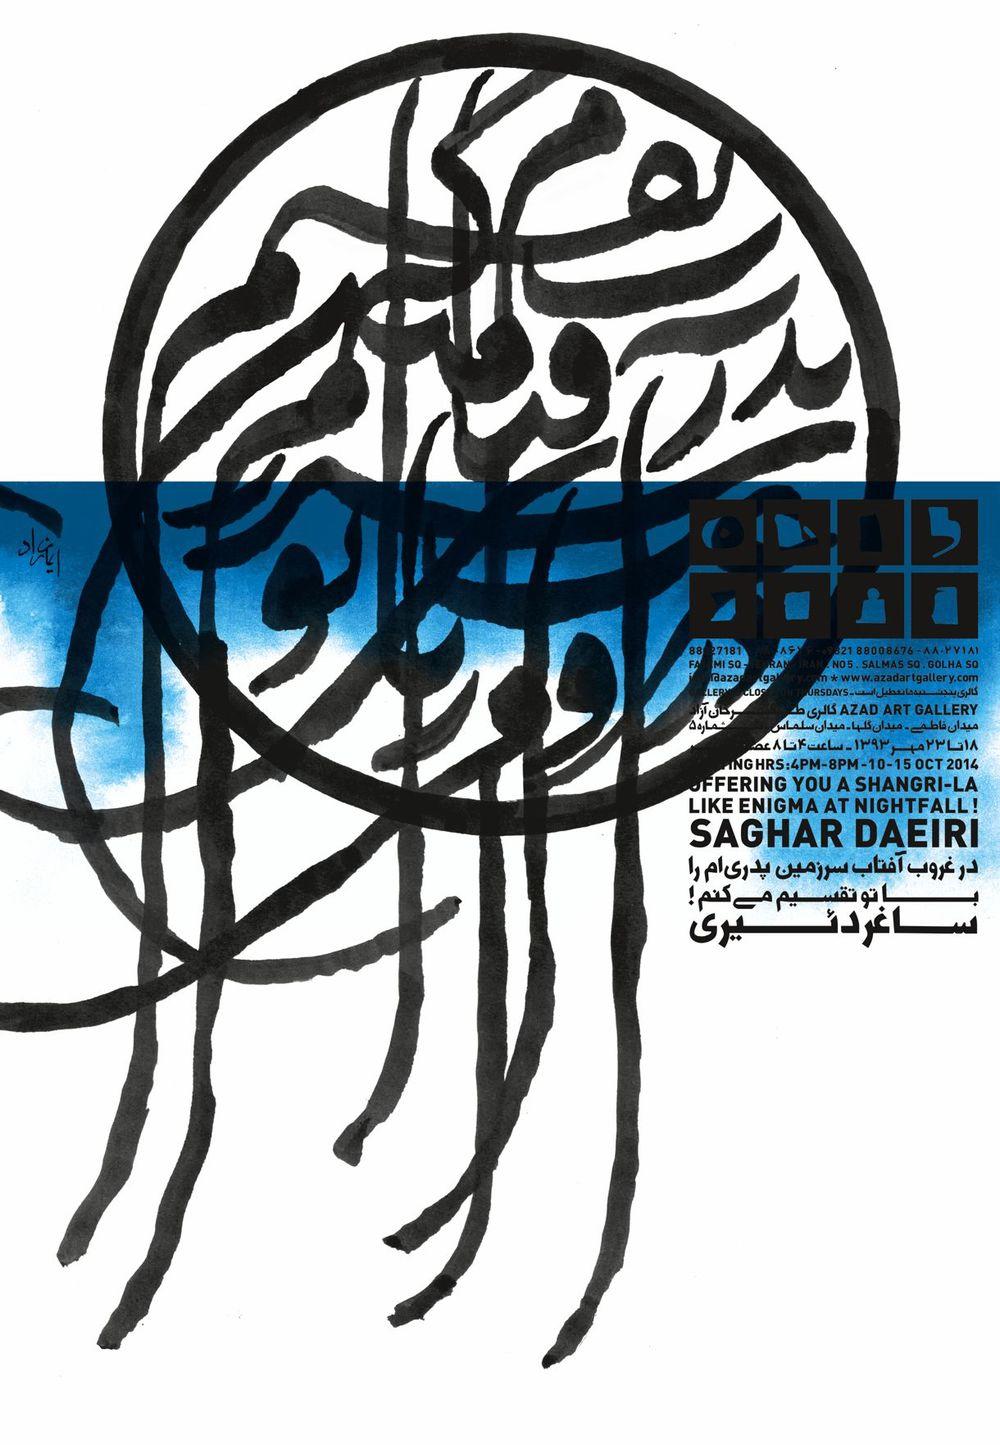 saghar-daeiri-RGB.jpg